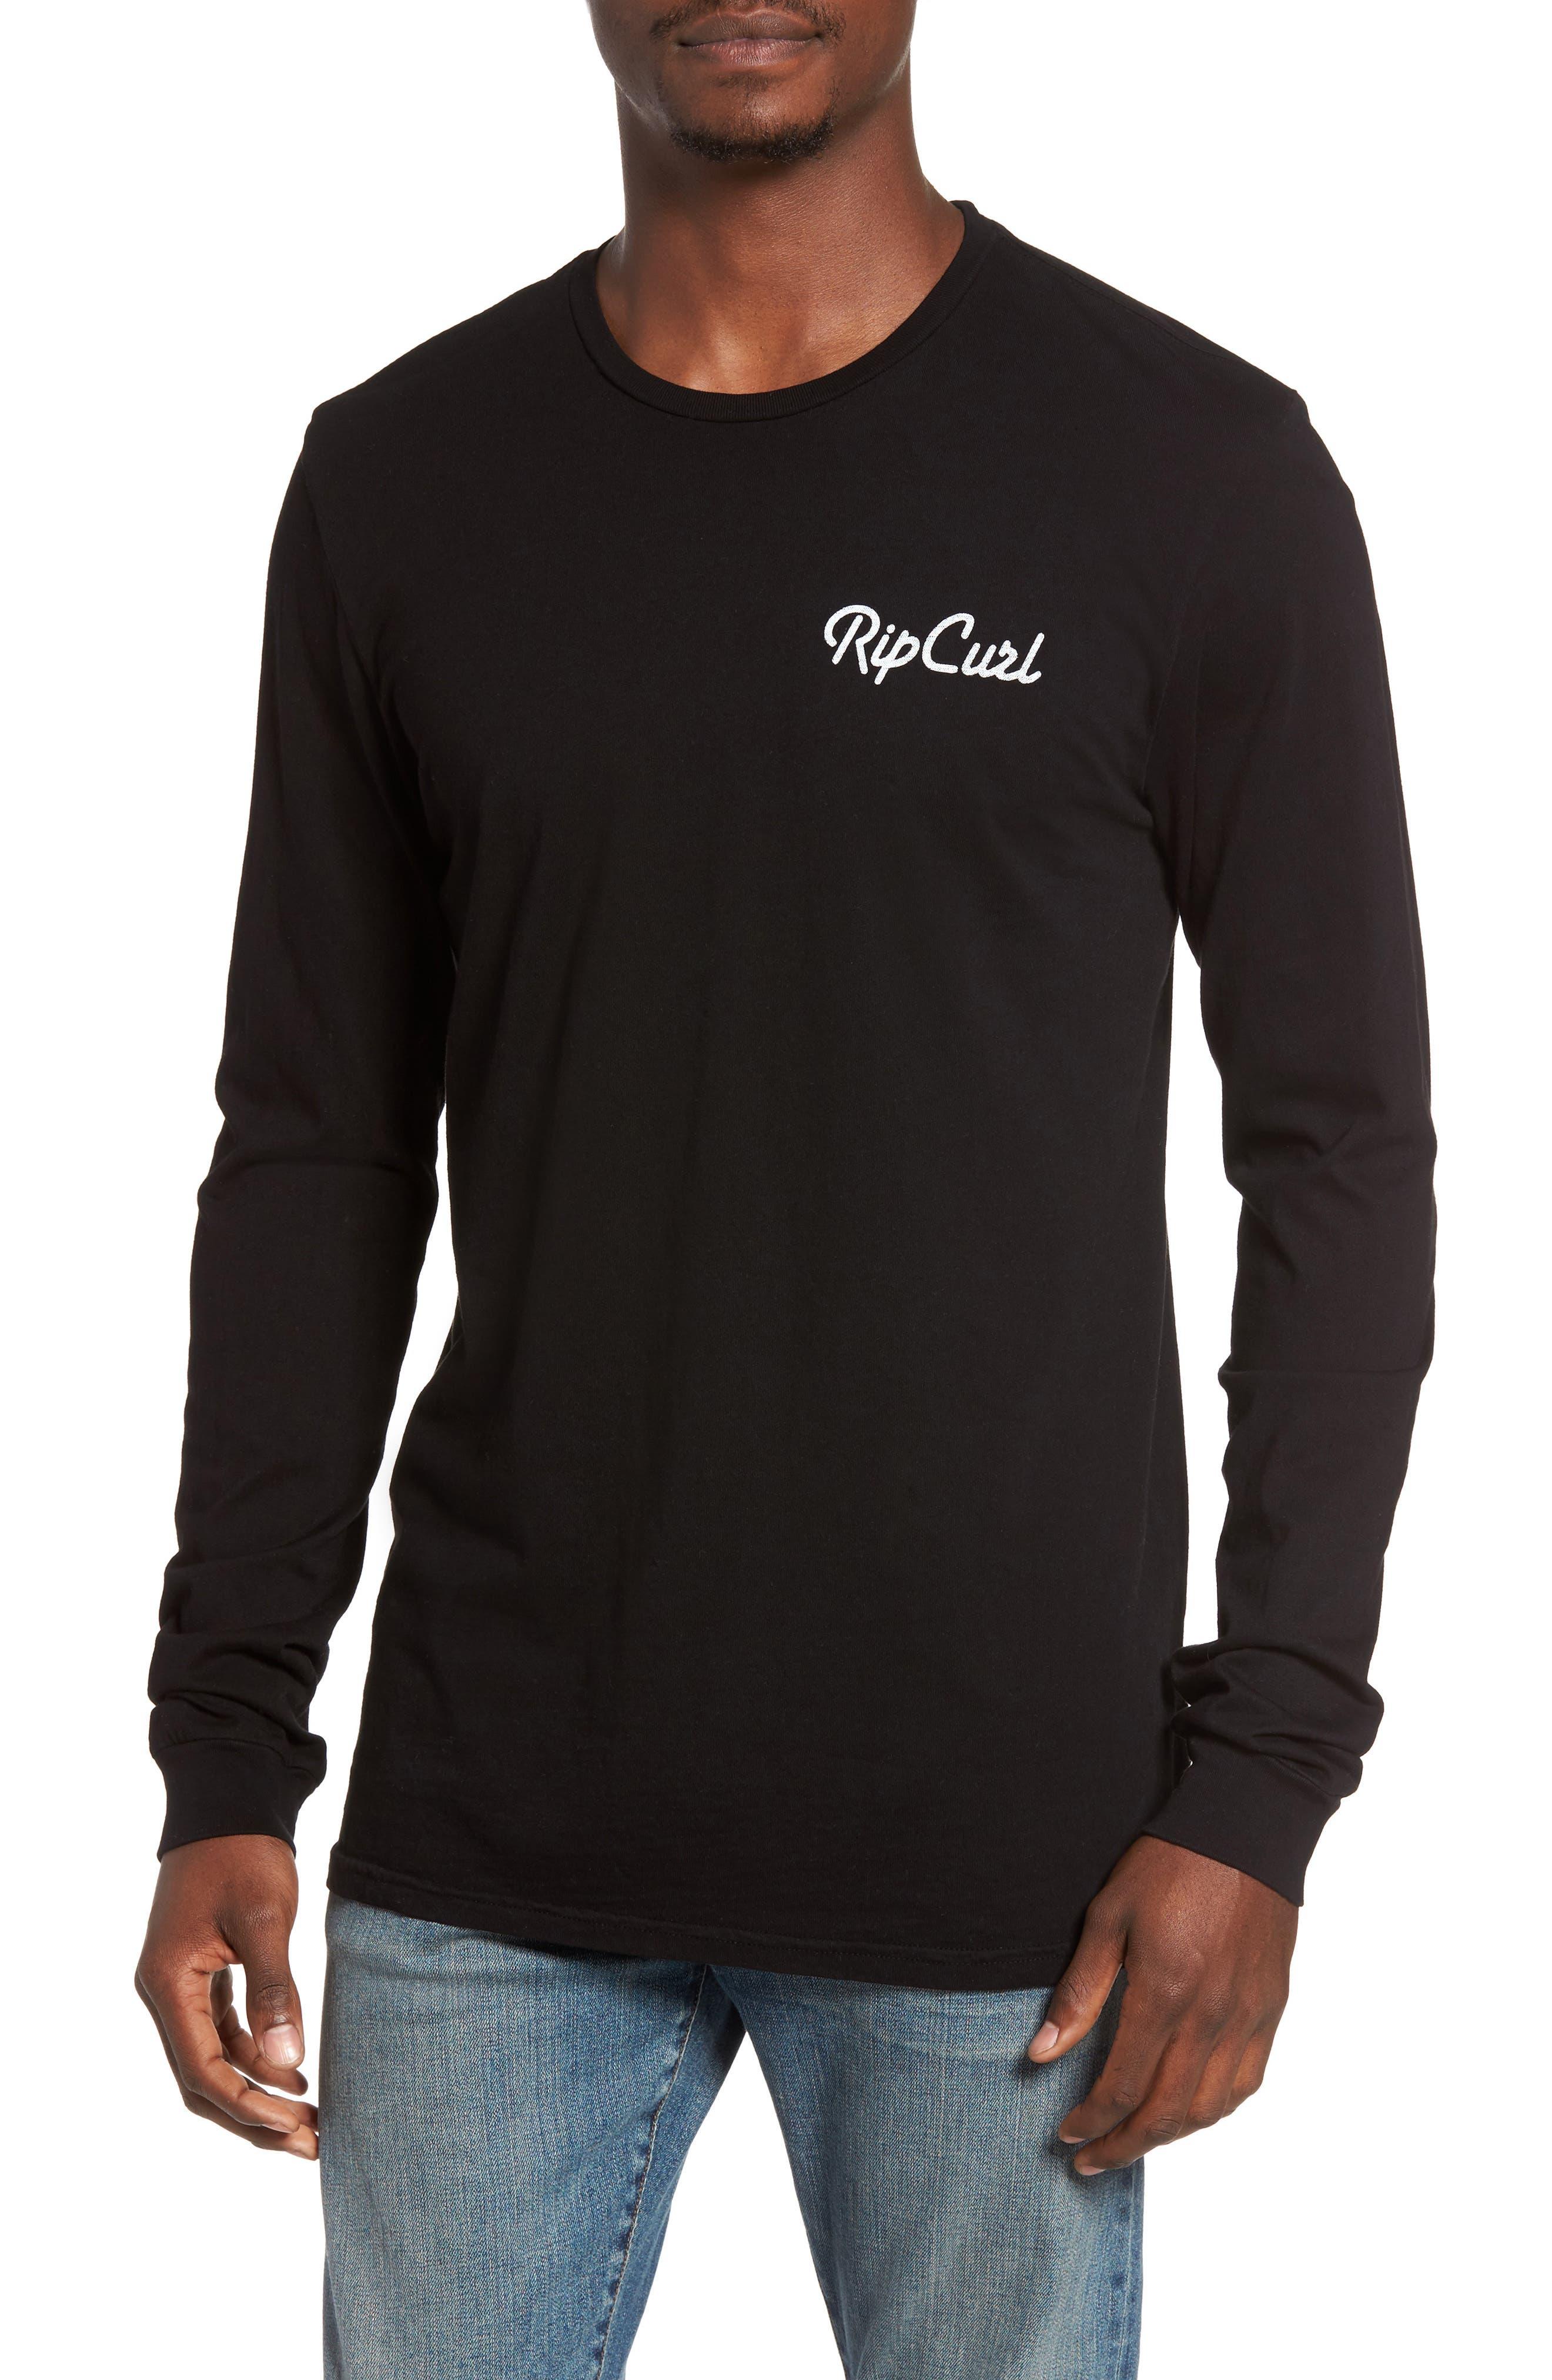 Rip Curl Quantum Graphic T-Shirt